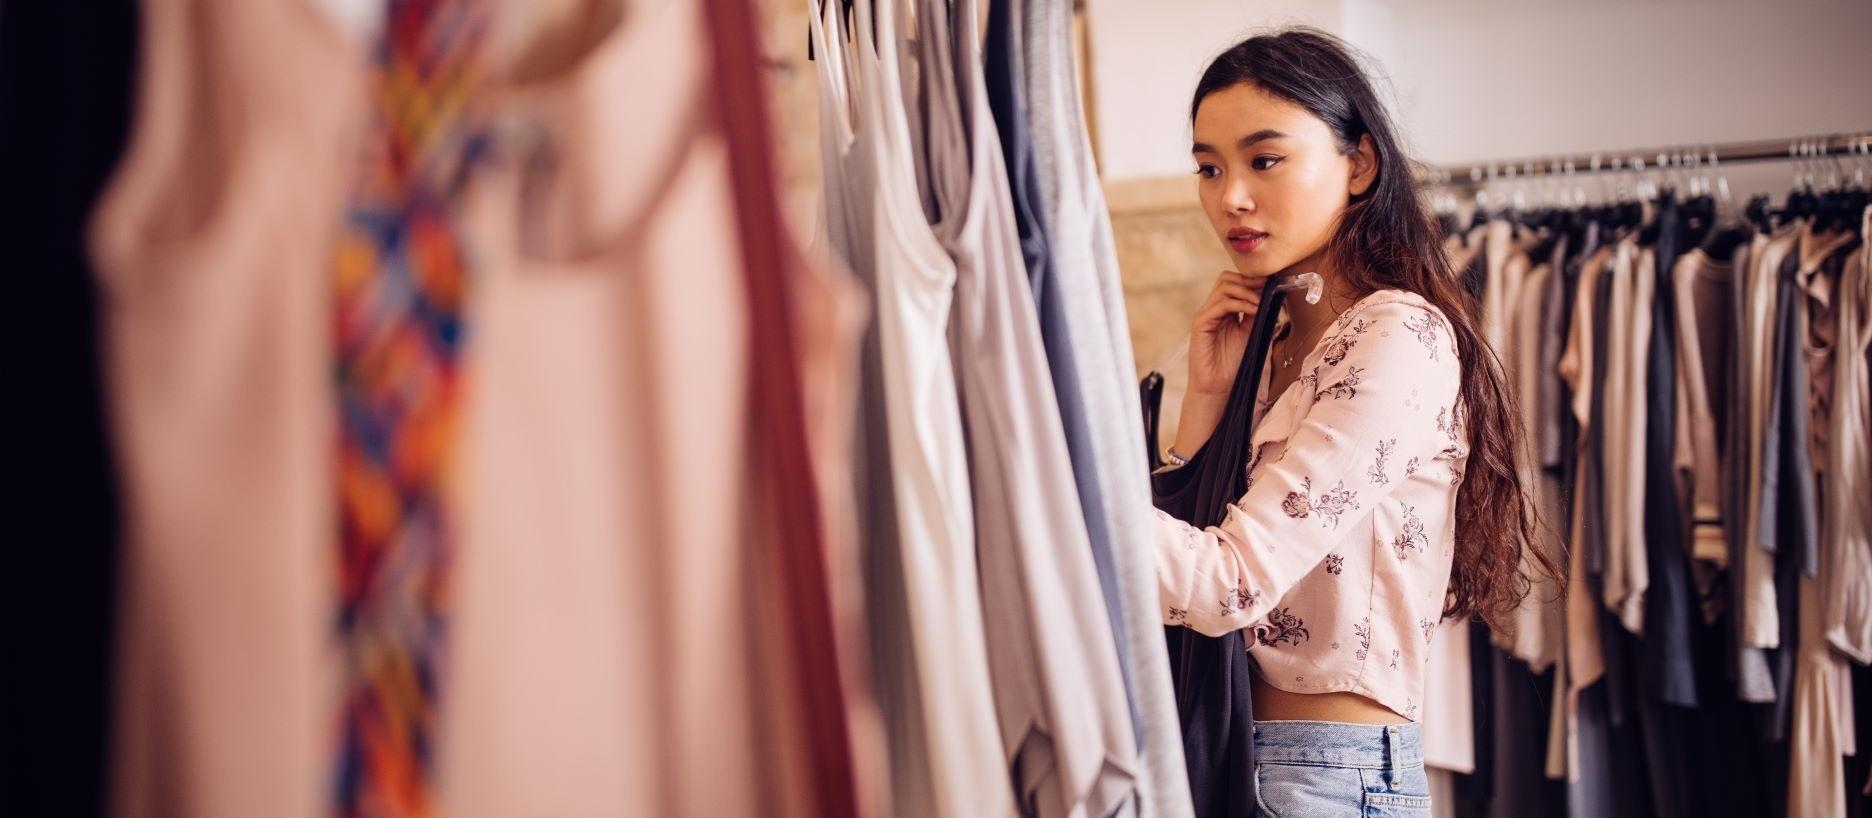 Temos que ser originais na forma de se vestir, diz consultora de moda